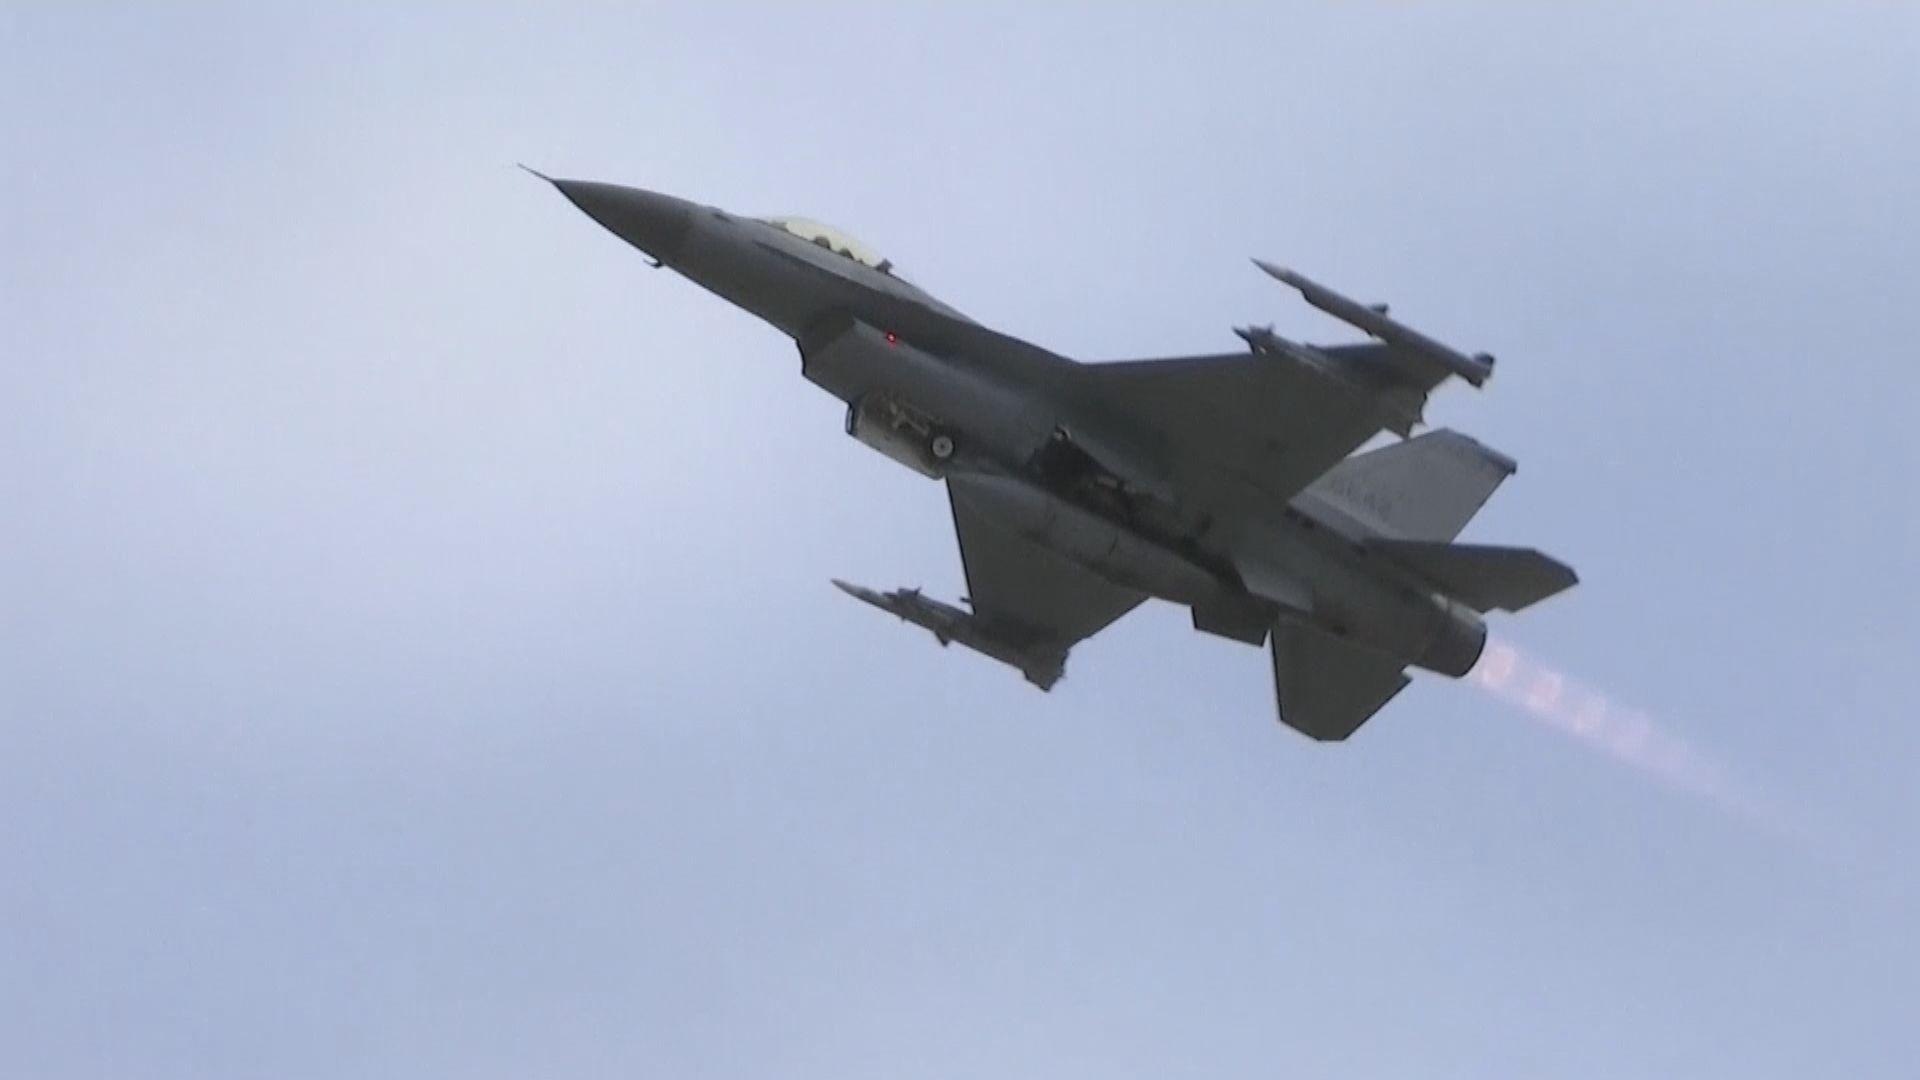 台F16戰機花蓮夜間訓練時失蹤